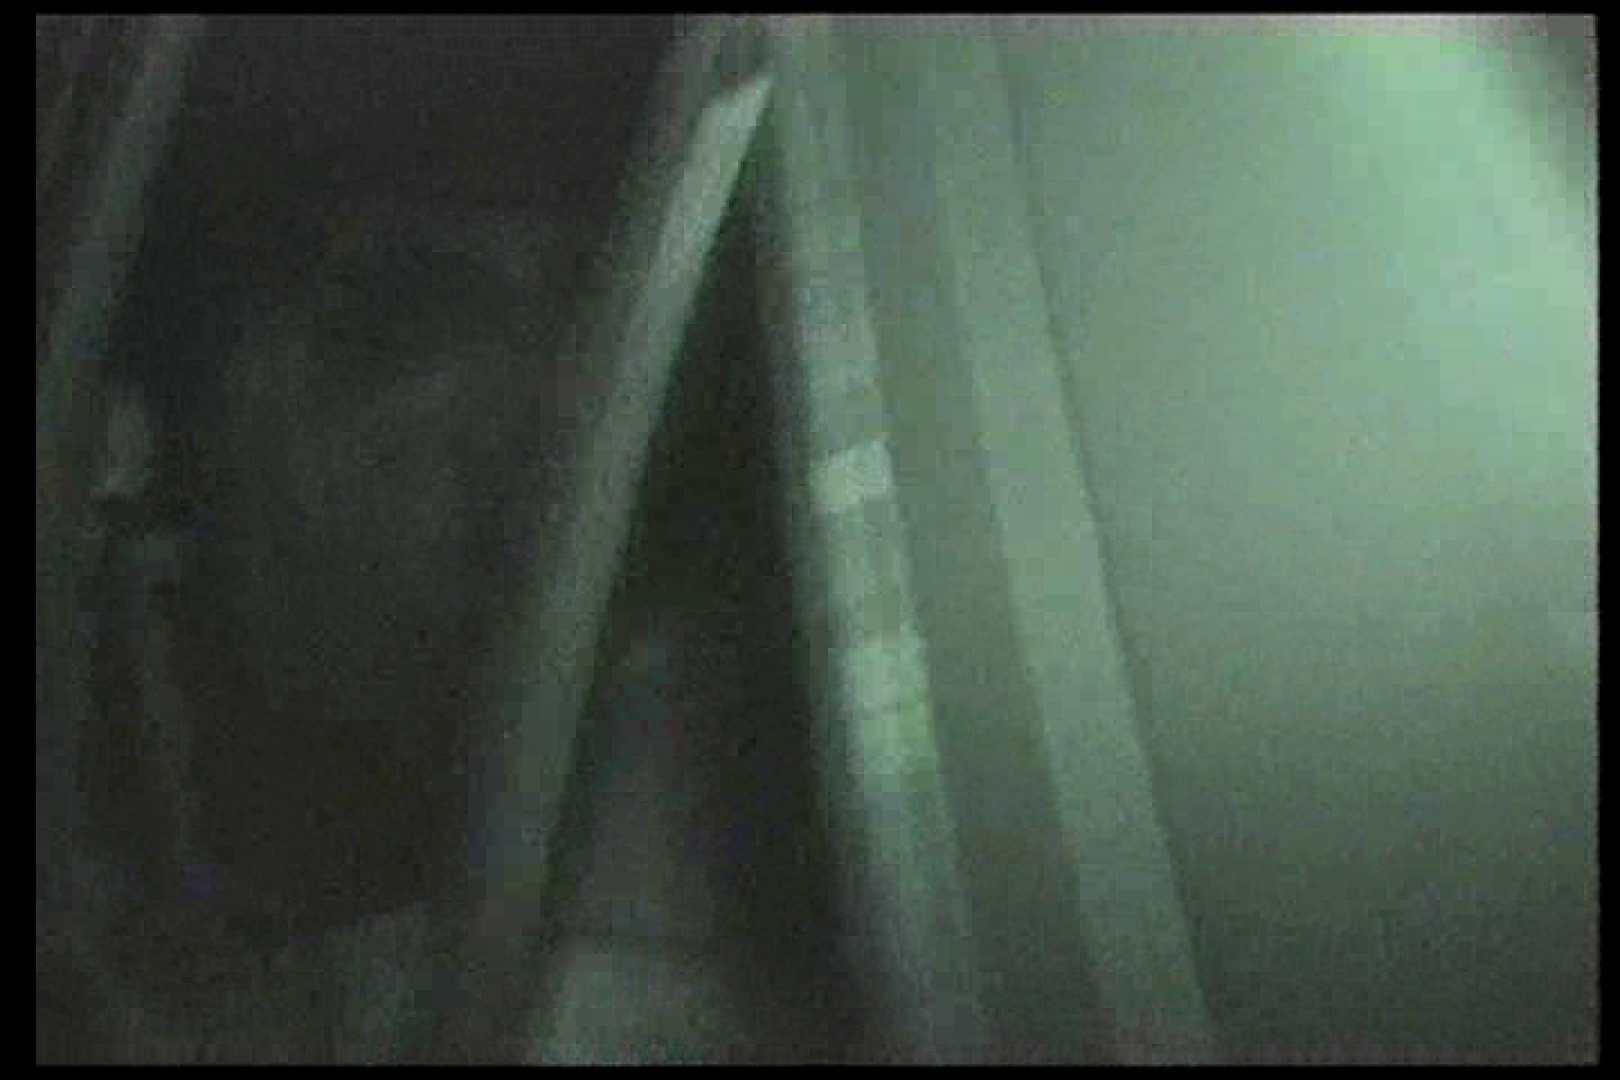 カーセックス未編集・無修正版 Vol.6後編 素人はめどり エロ画像 87画像 40